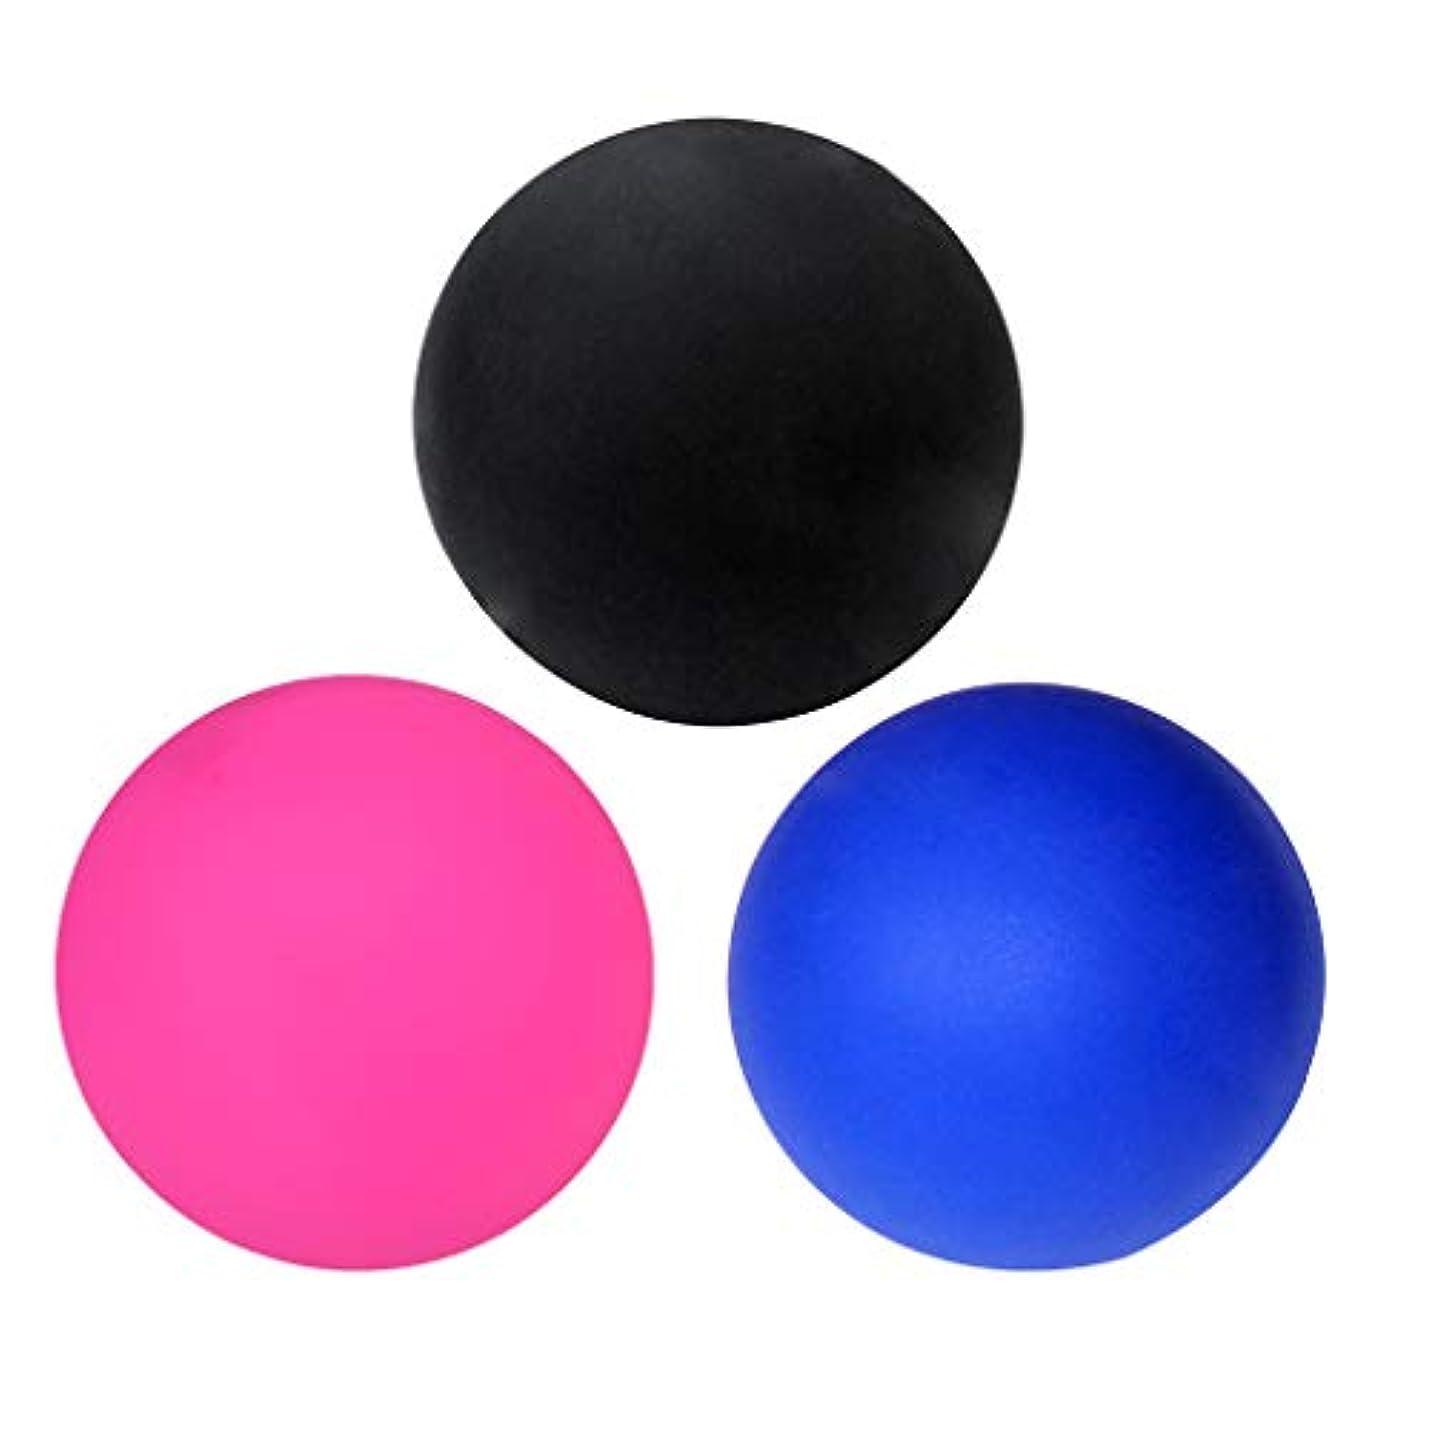 うっかり件名移植マッサージボール ラクロスボール トリガーポイント ヨガ エクササイズボール 健康グッズ 3個入